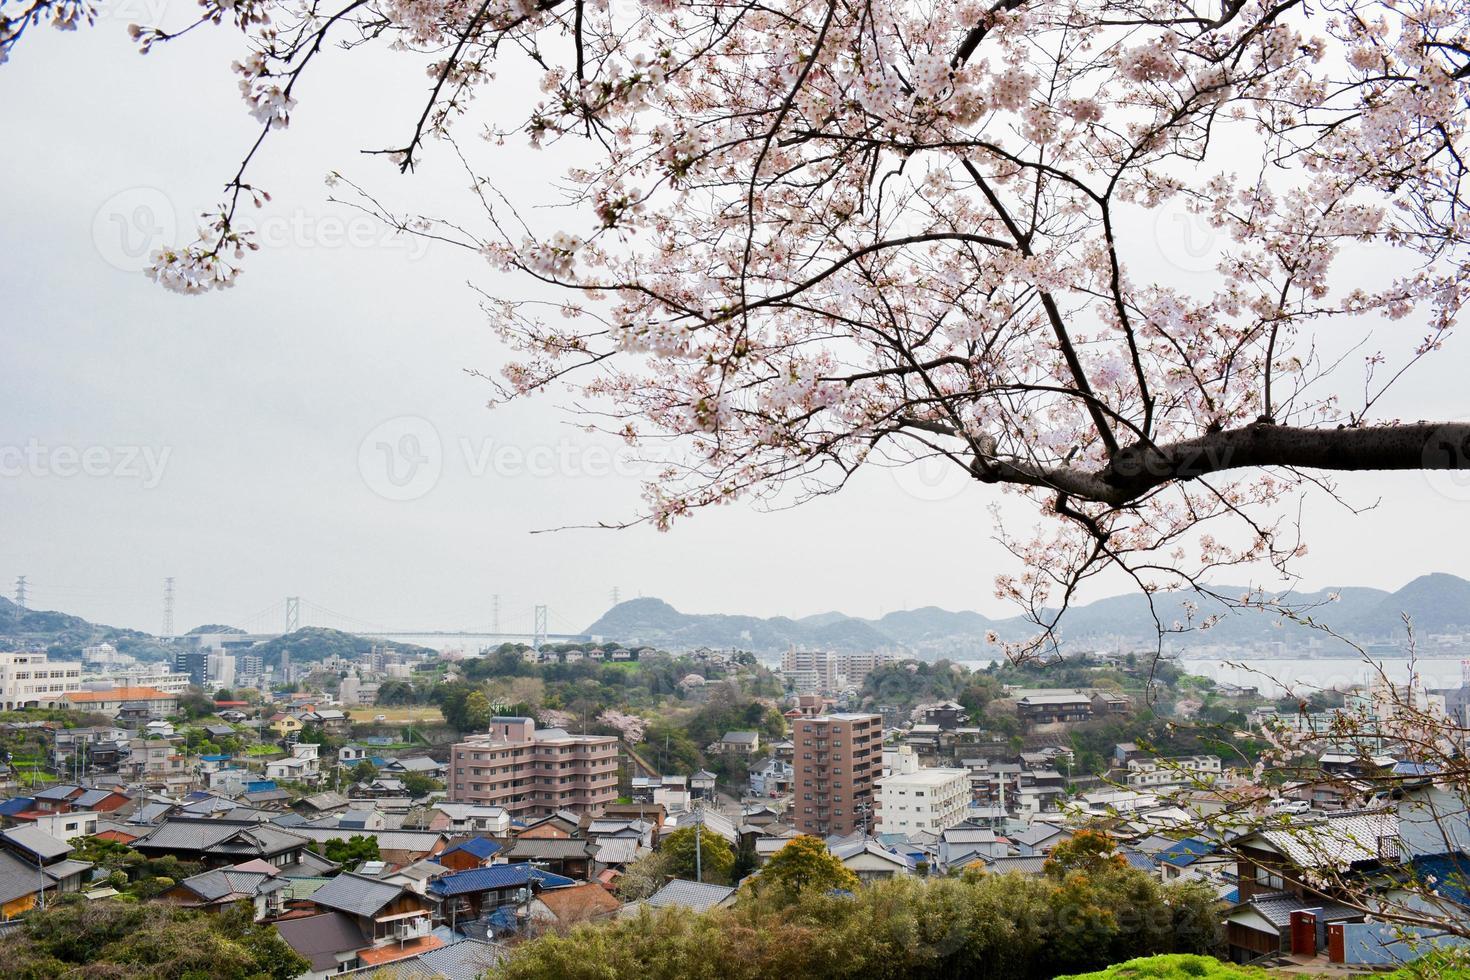 sakura et shimonoseki photo